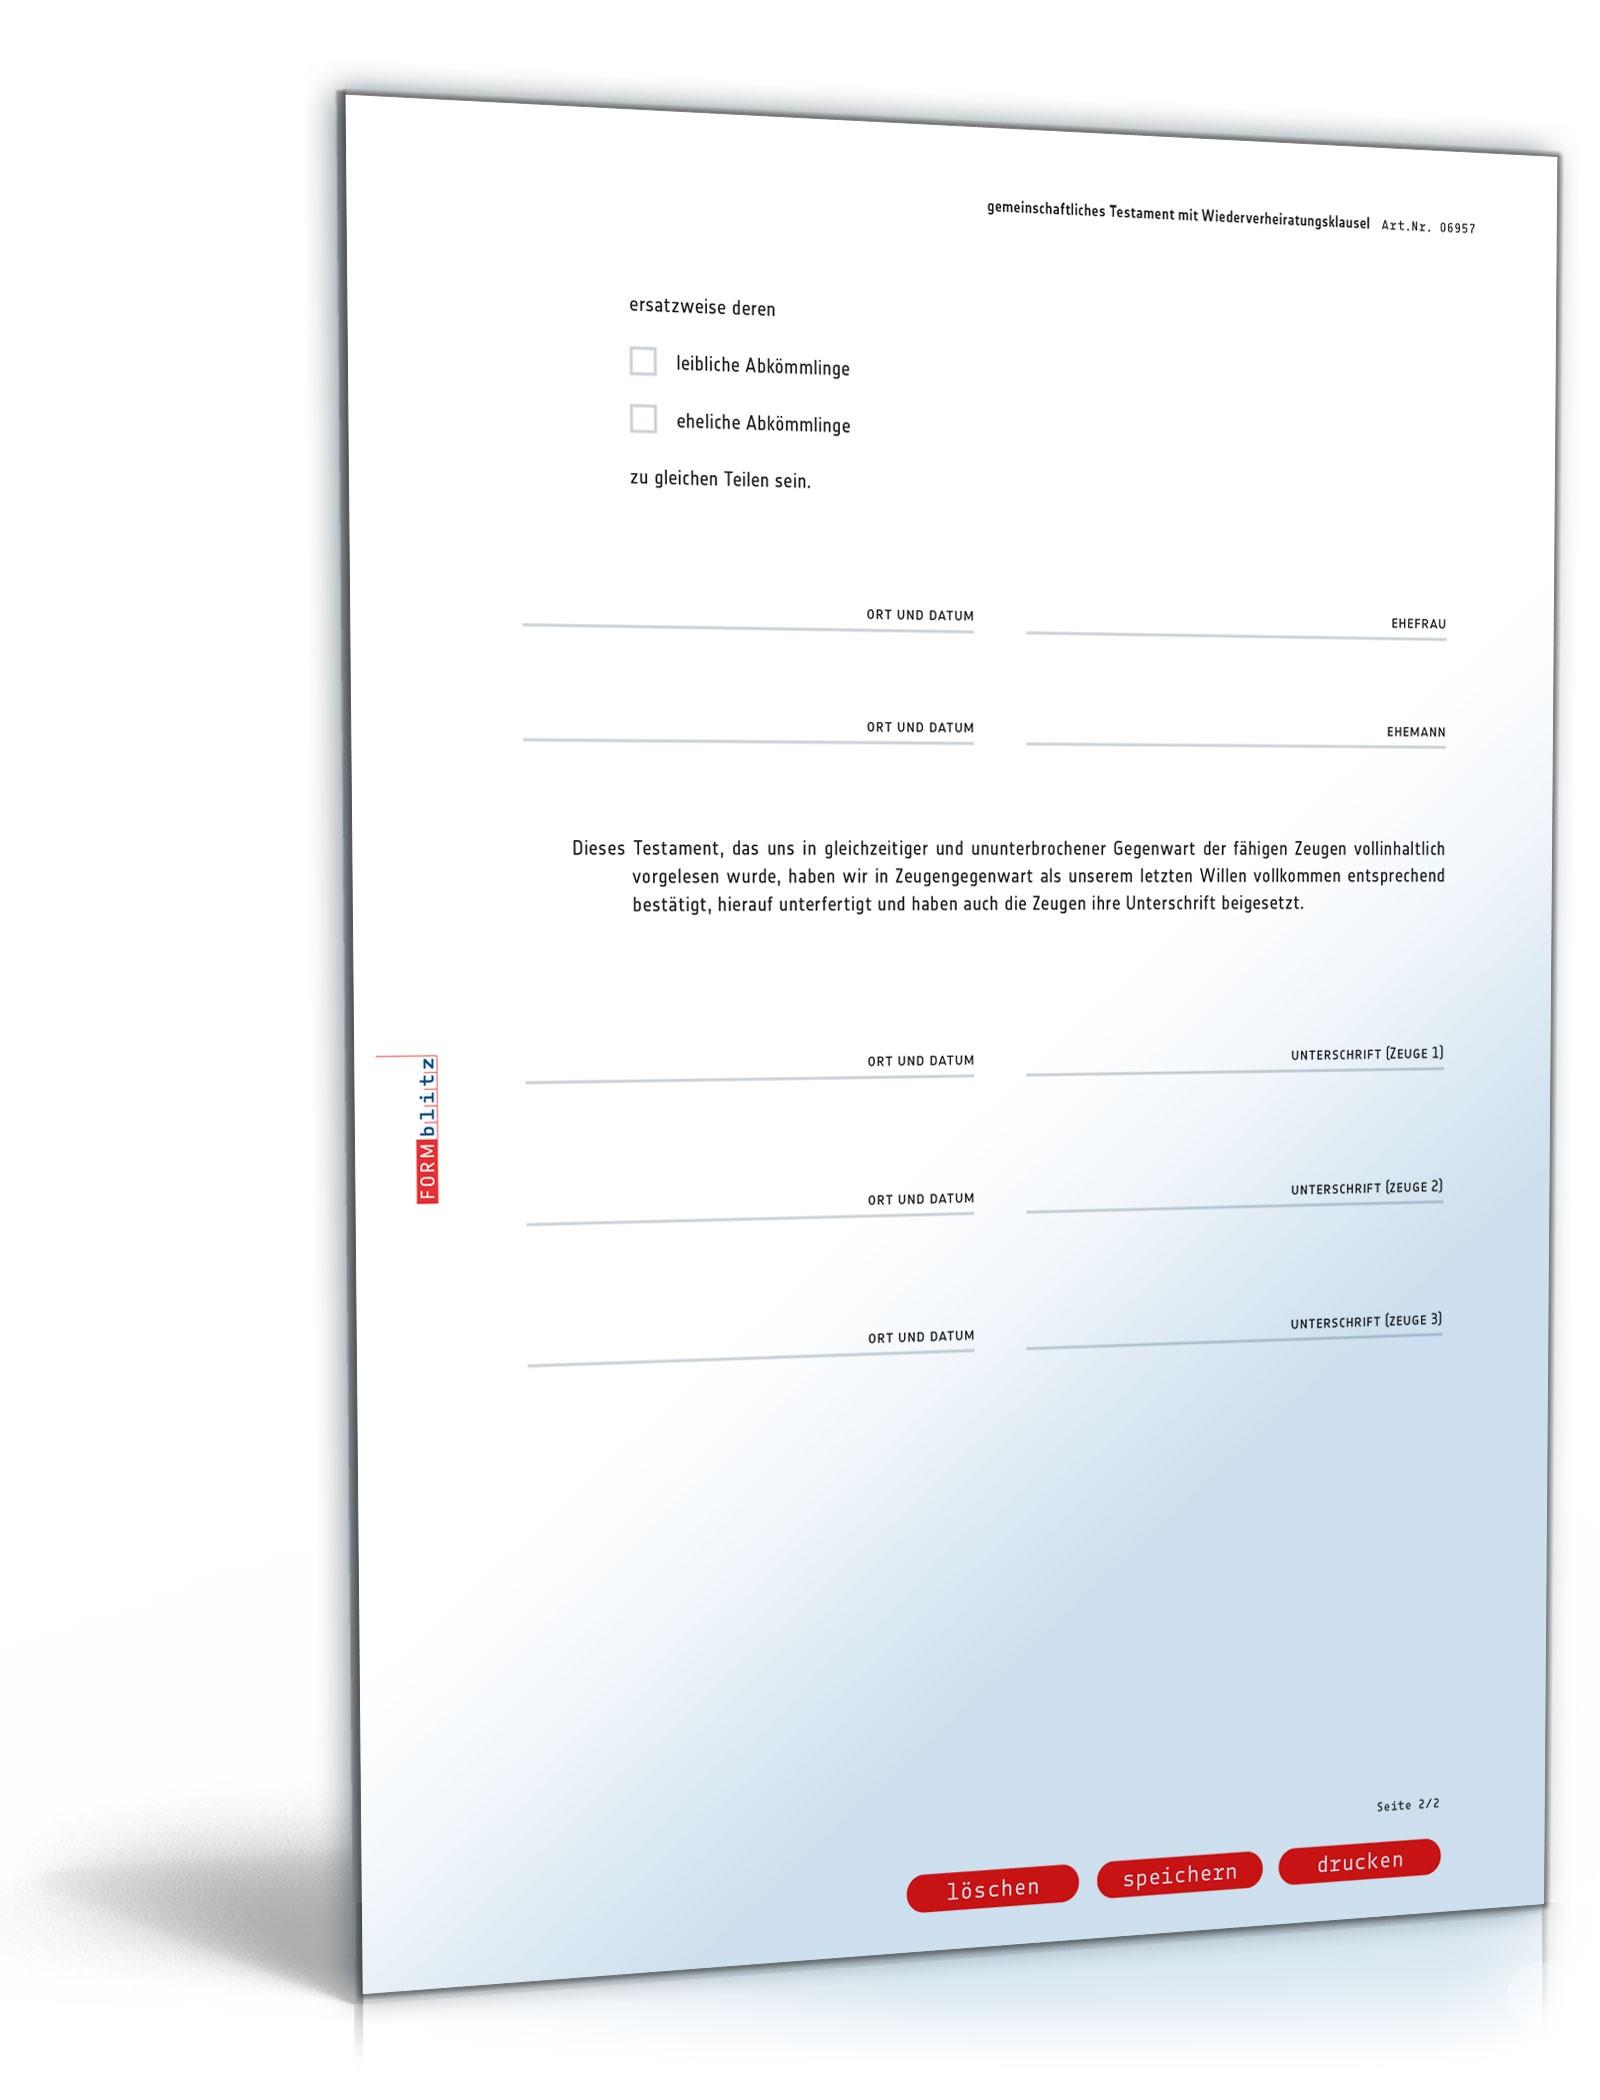 gemeinschaftliches testament mit wiederverheiratungsklausel muster vorlage zum download. Black Bedroom Furniture Sets. Home Design Ideas